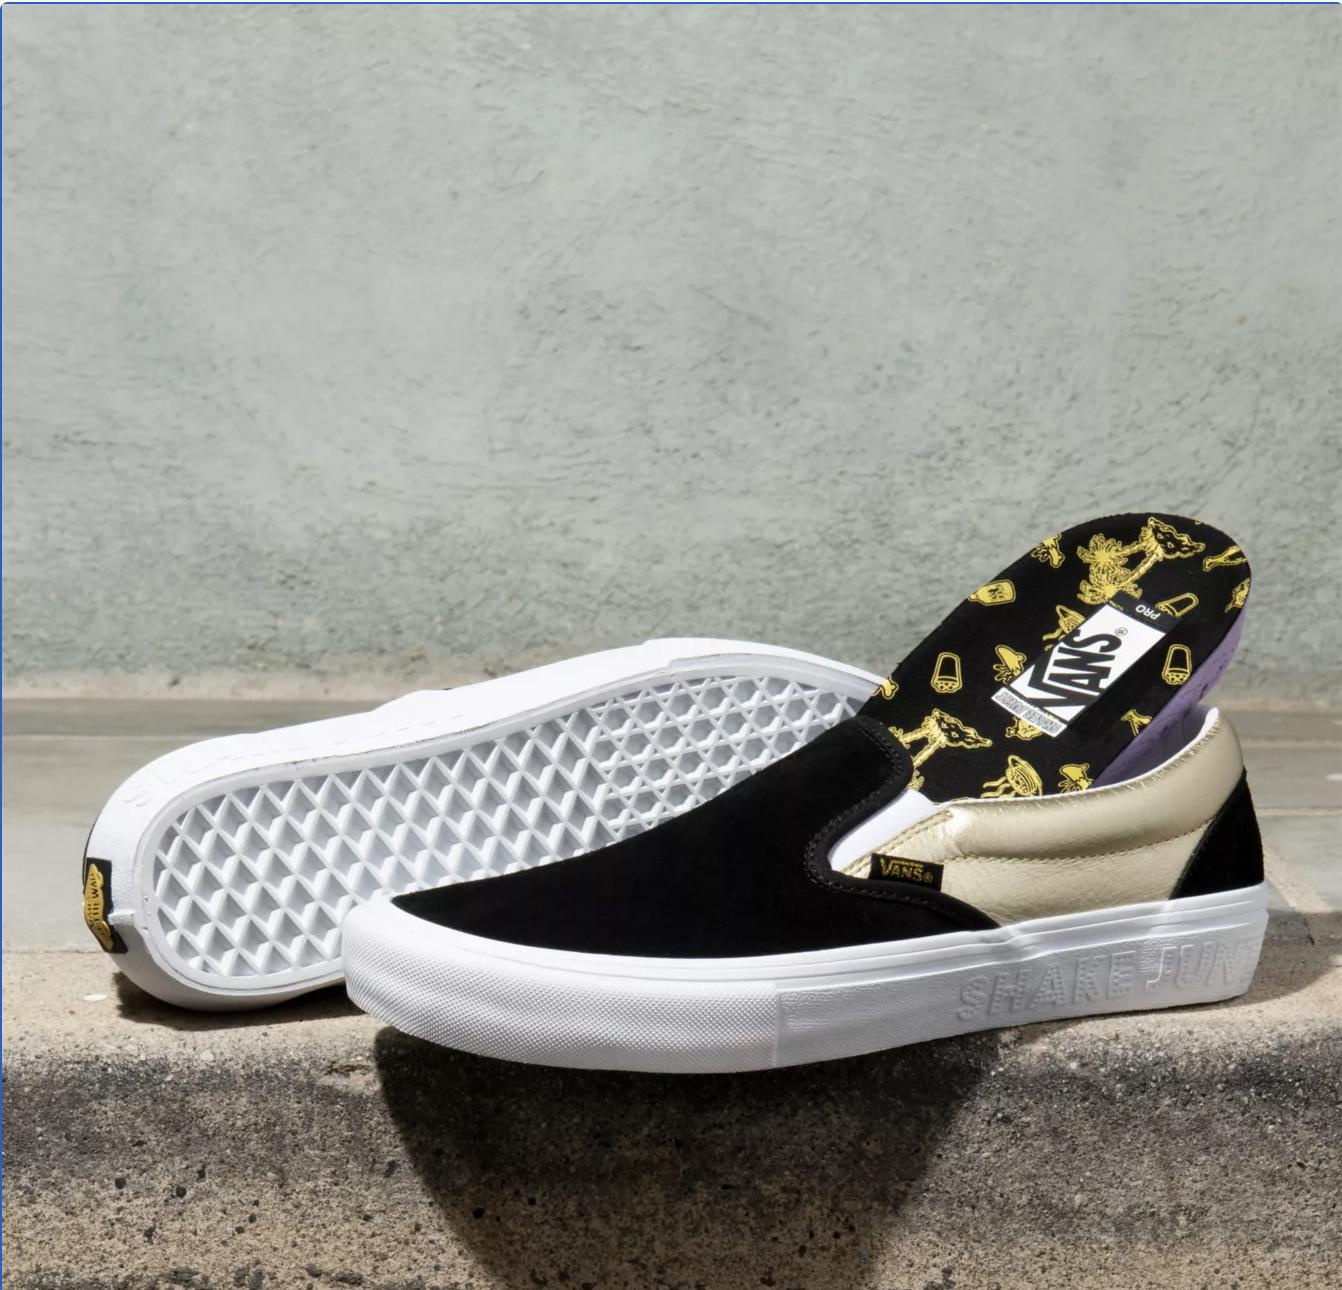 Vans Shoes Slip On Pro x Shake Junt Black/Gold